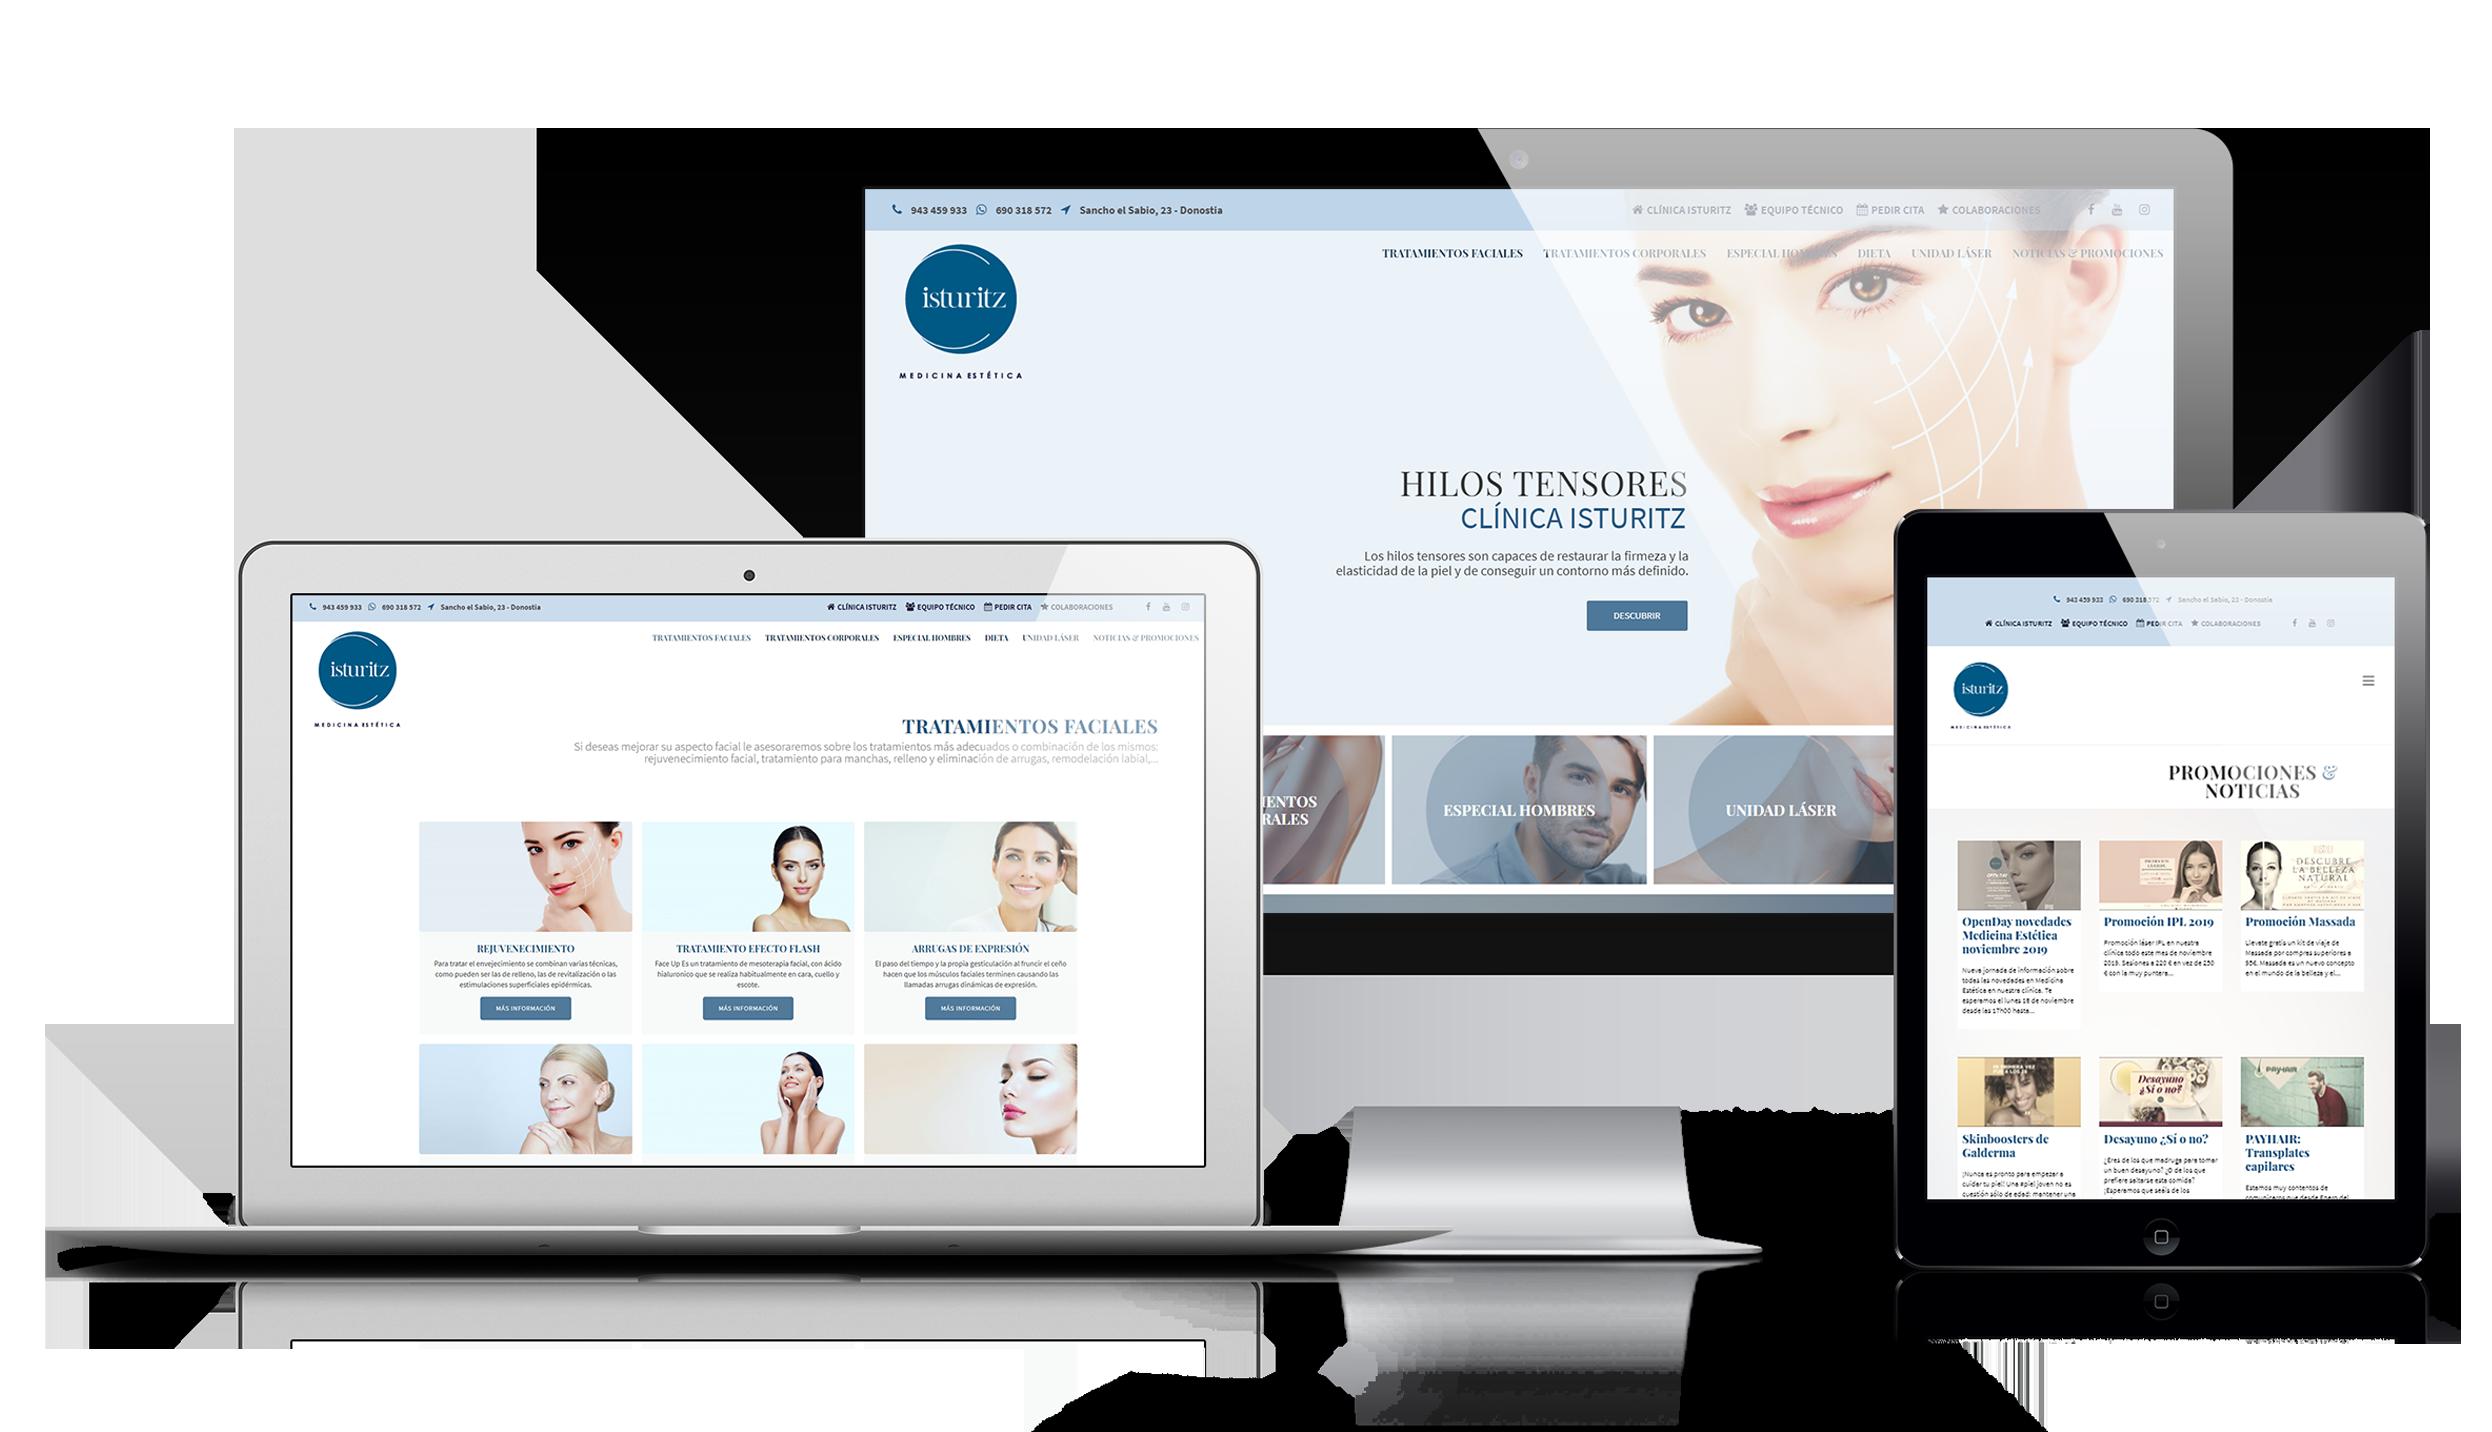 Clinica Isturiz   DIGITAL CHILLS Diseño & Marketing Digital